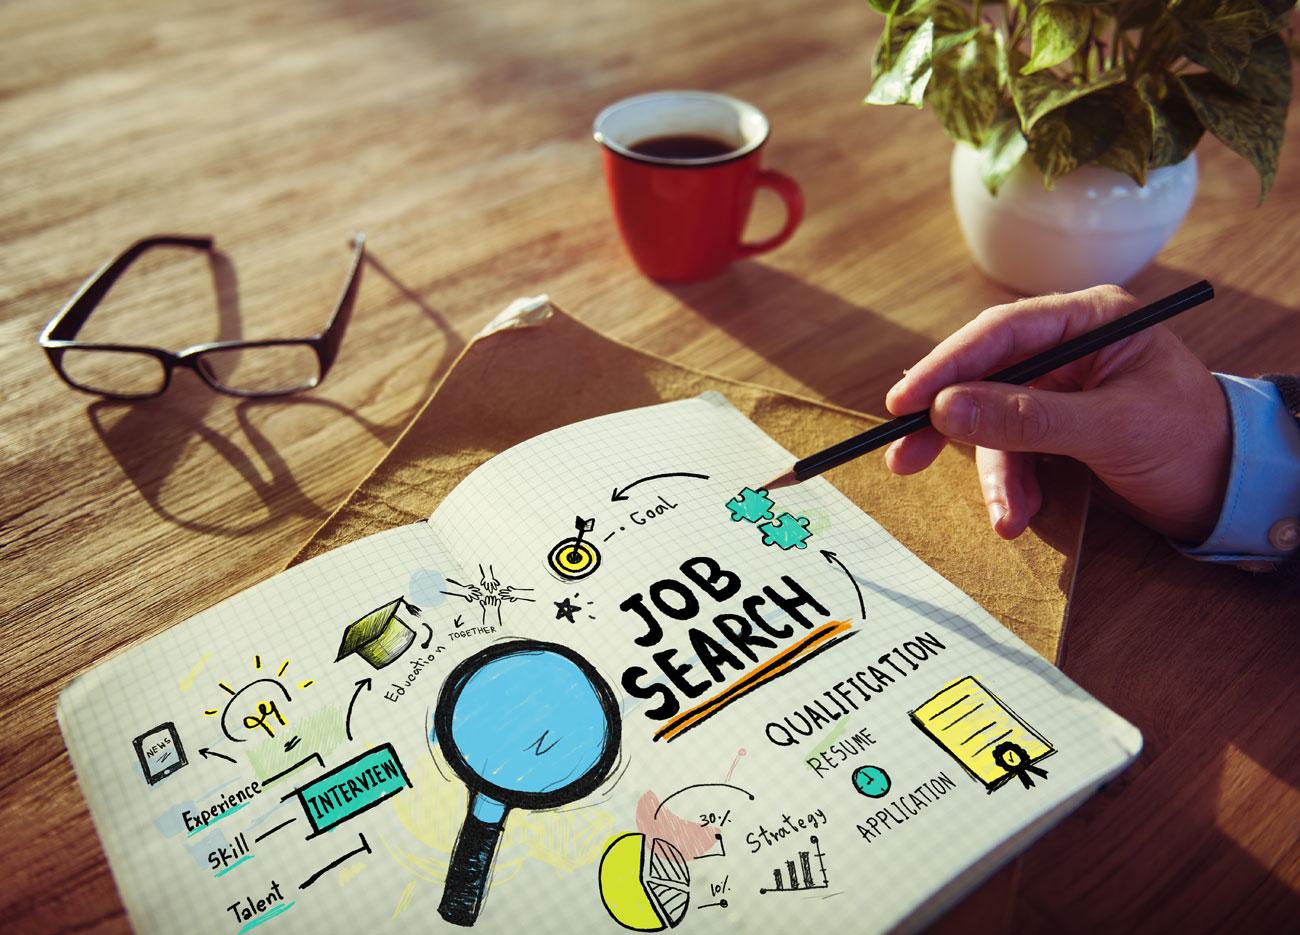 Baan zoeken met iPhone en iPad, afbeelding via Shutterstock.com (shutterstock_241735450).